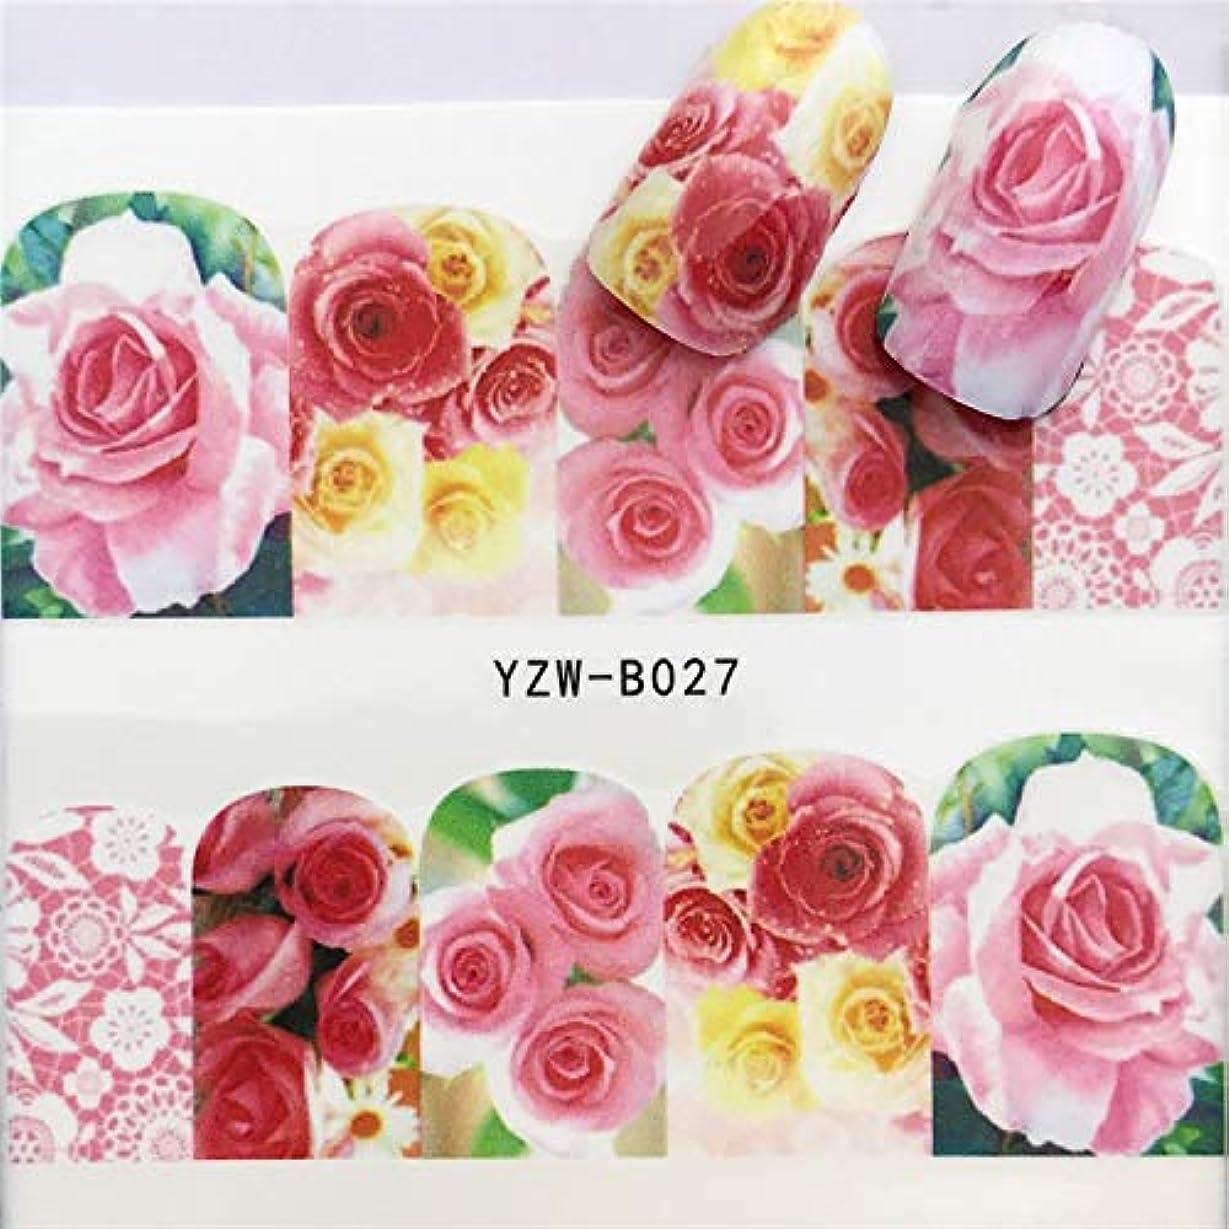 付録テクスチャーアレンジCELINEZL CELINEZL 3ピースネイルステッカーセットデカールウォータースライダースライダーネイルアートデコレーション、色:YZWB027